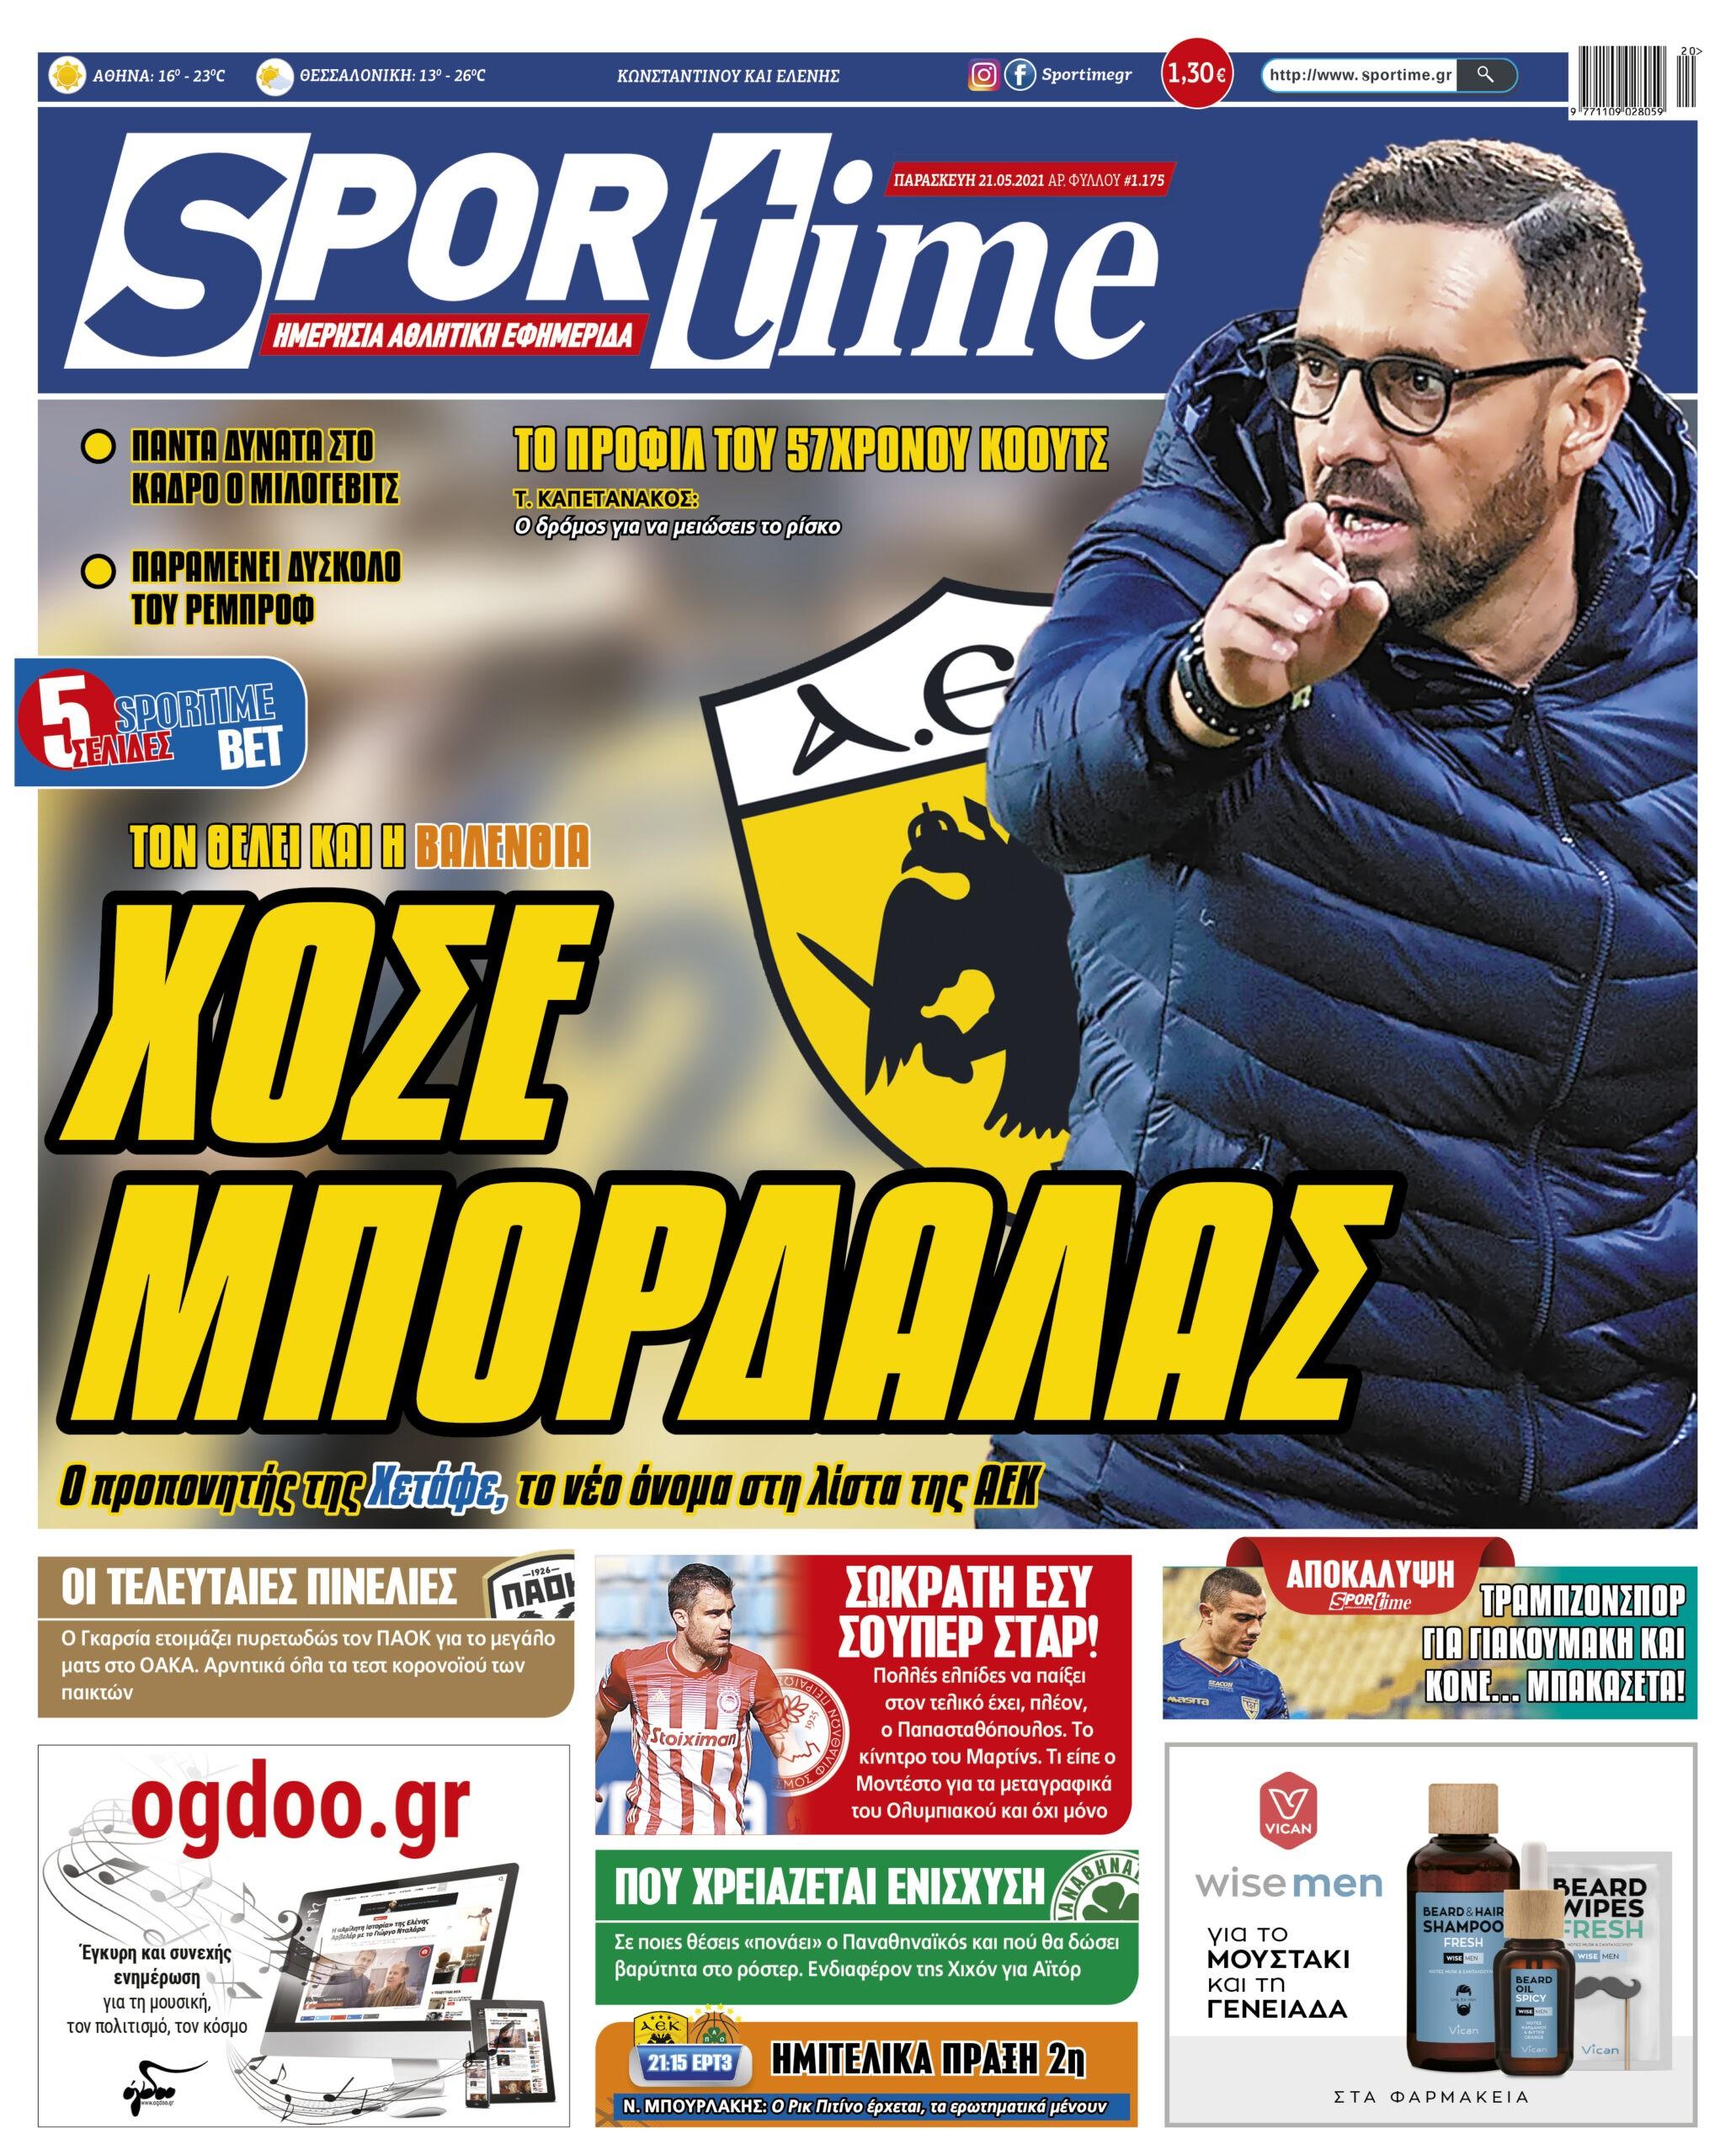 Εφημερίδα SPORTIME - Εξώφυλλο φύλλου 21/5/2021